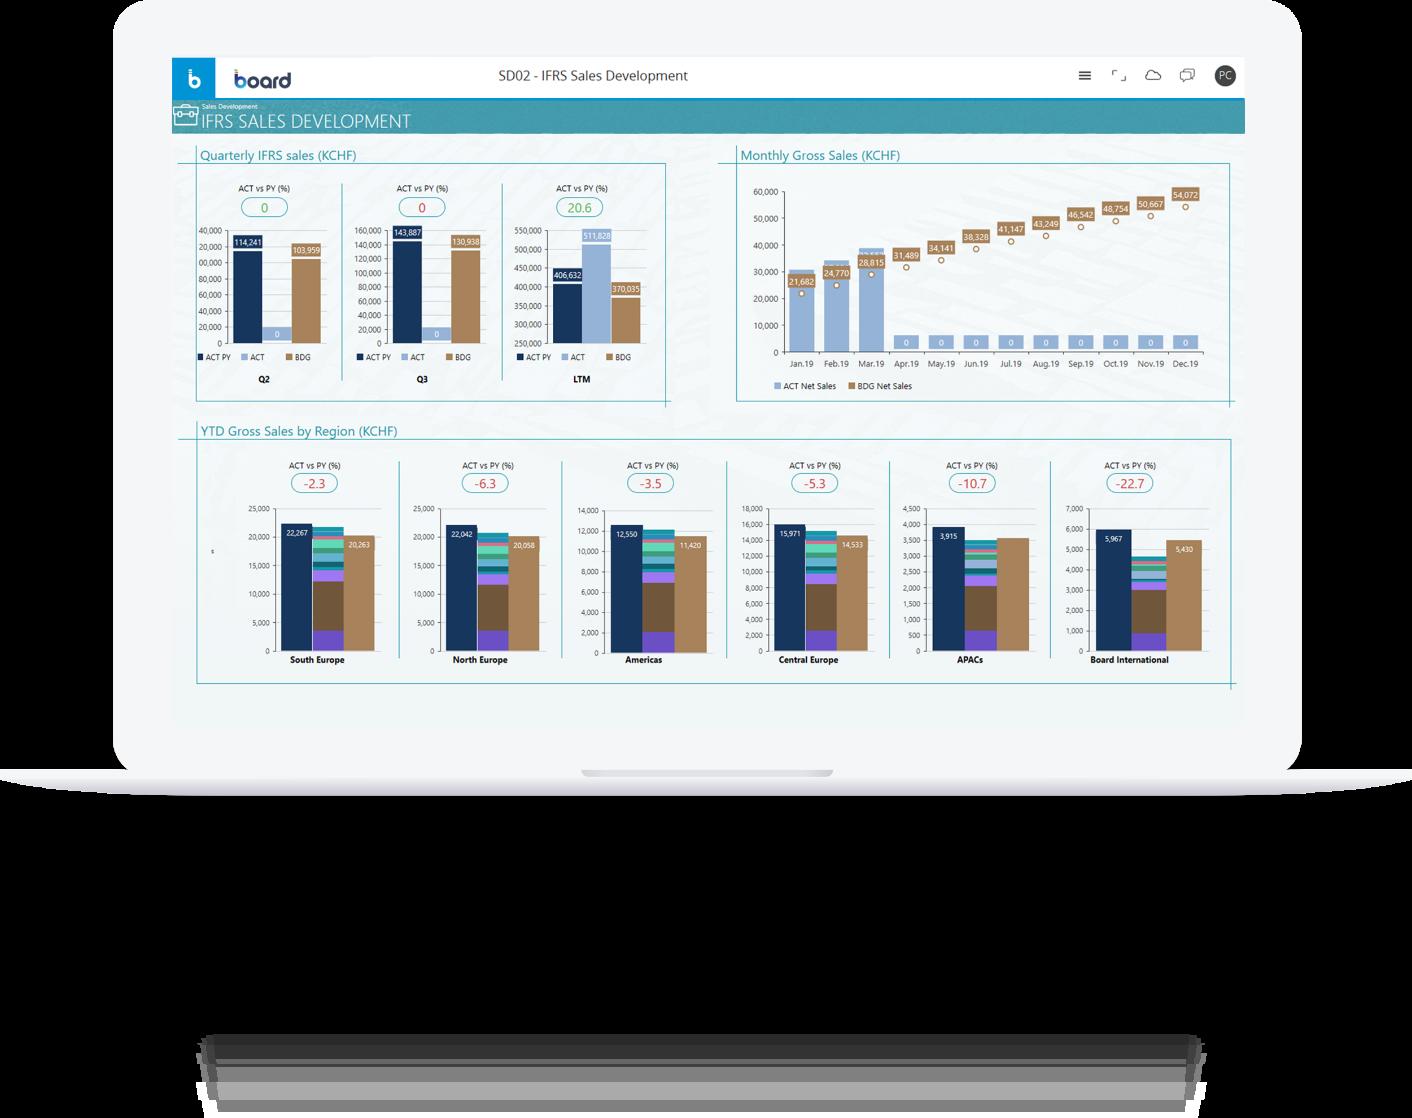 Ein Dashboard in Board zur Sales-Entwicklung gem. IFRS